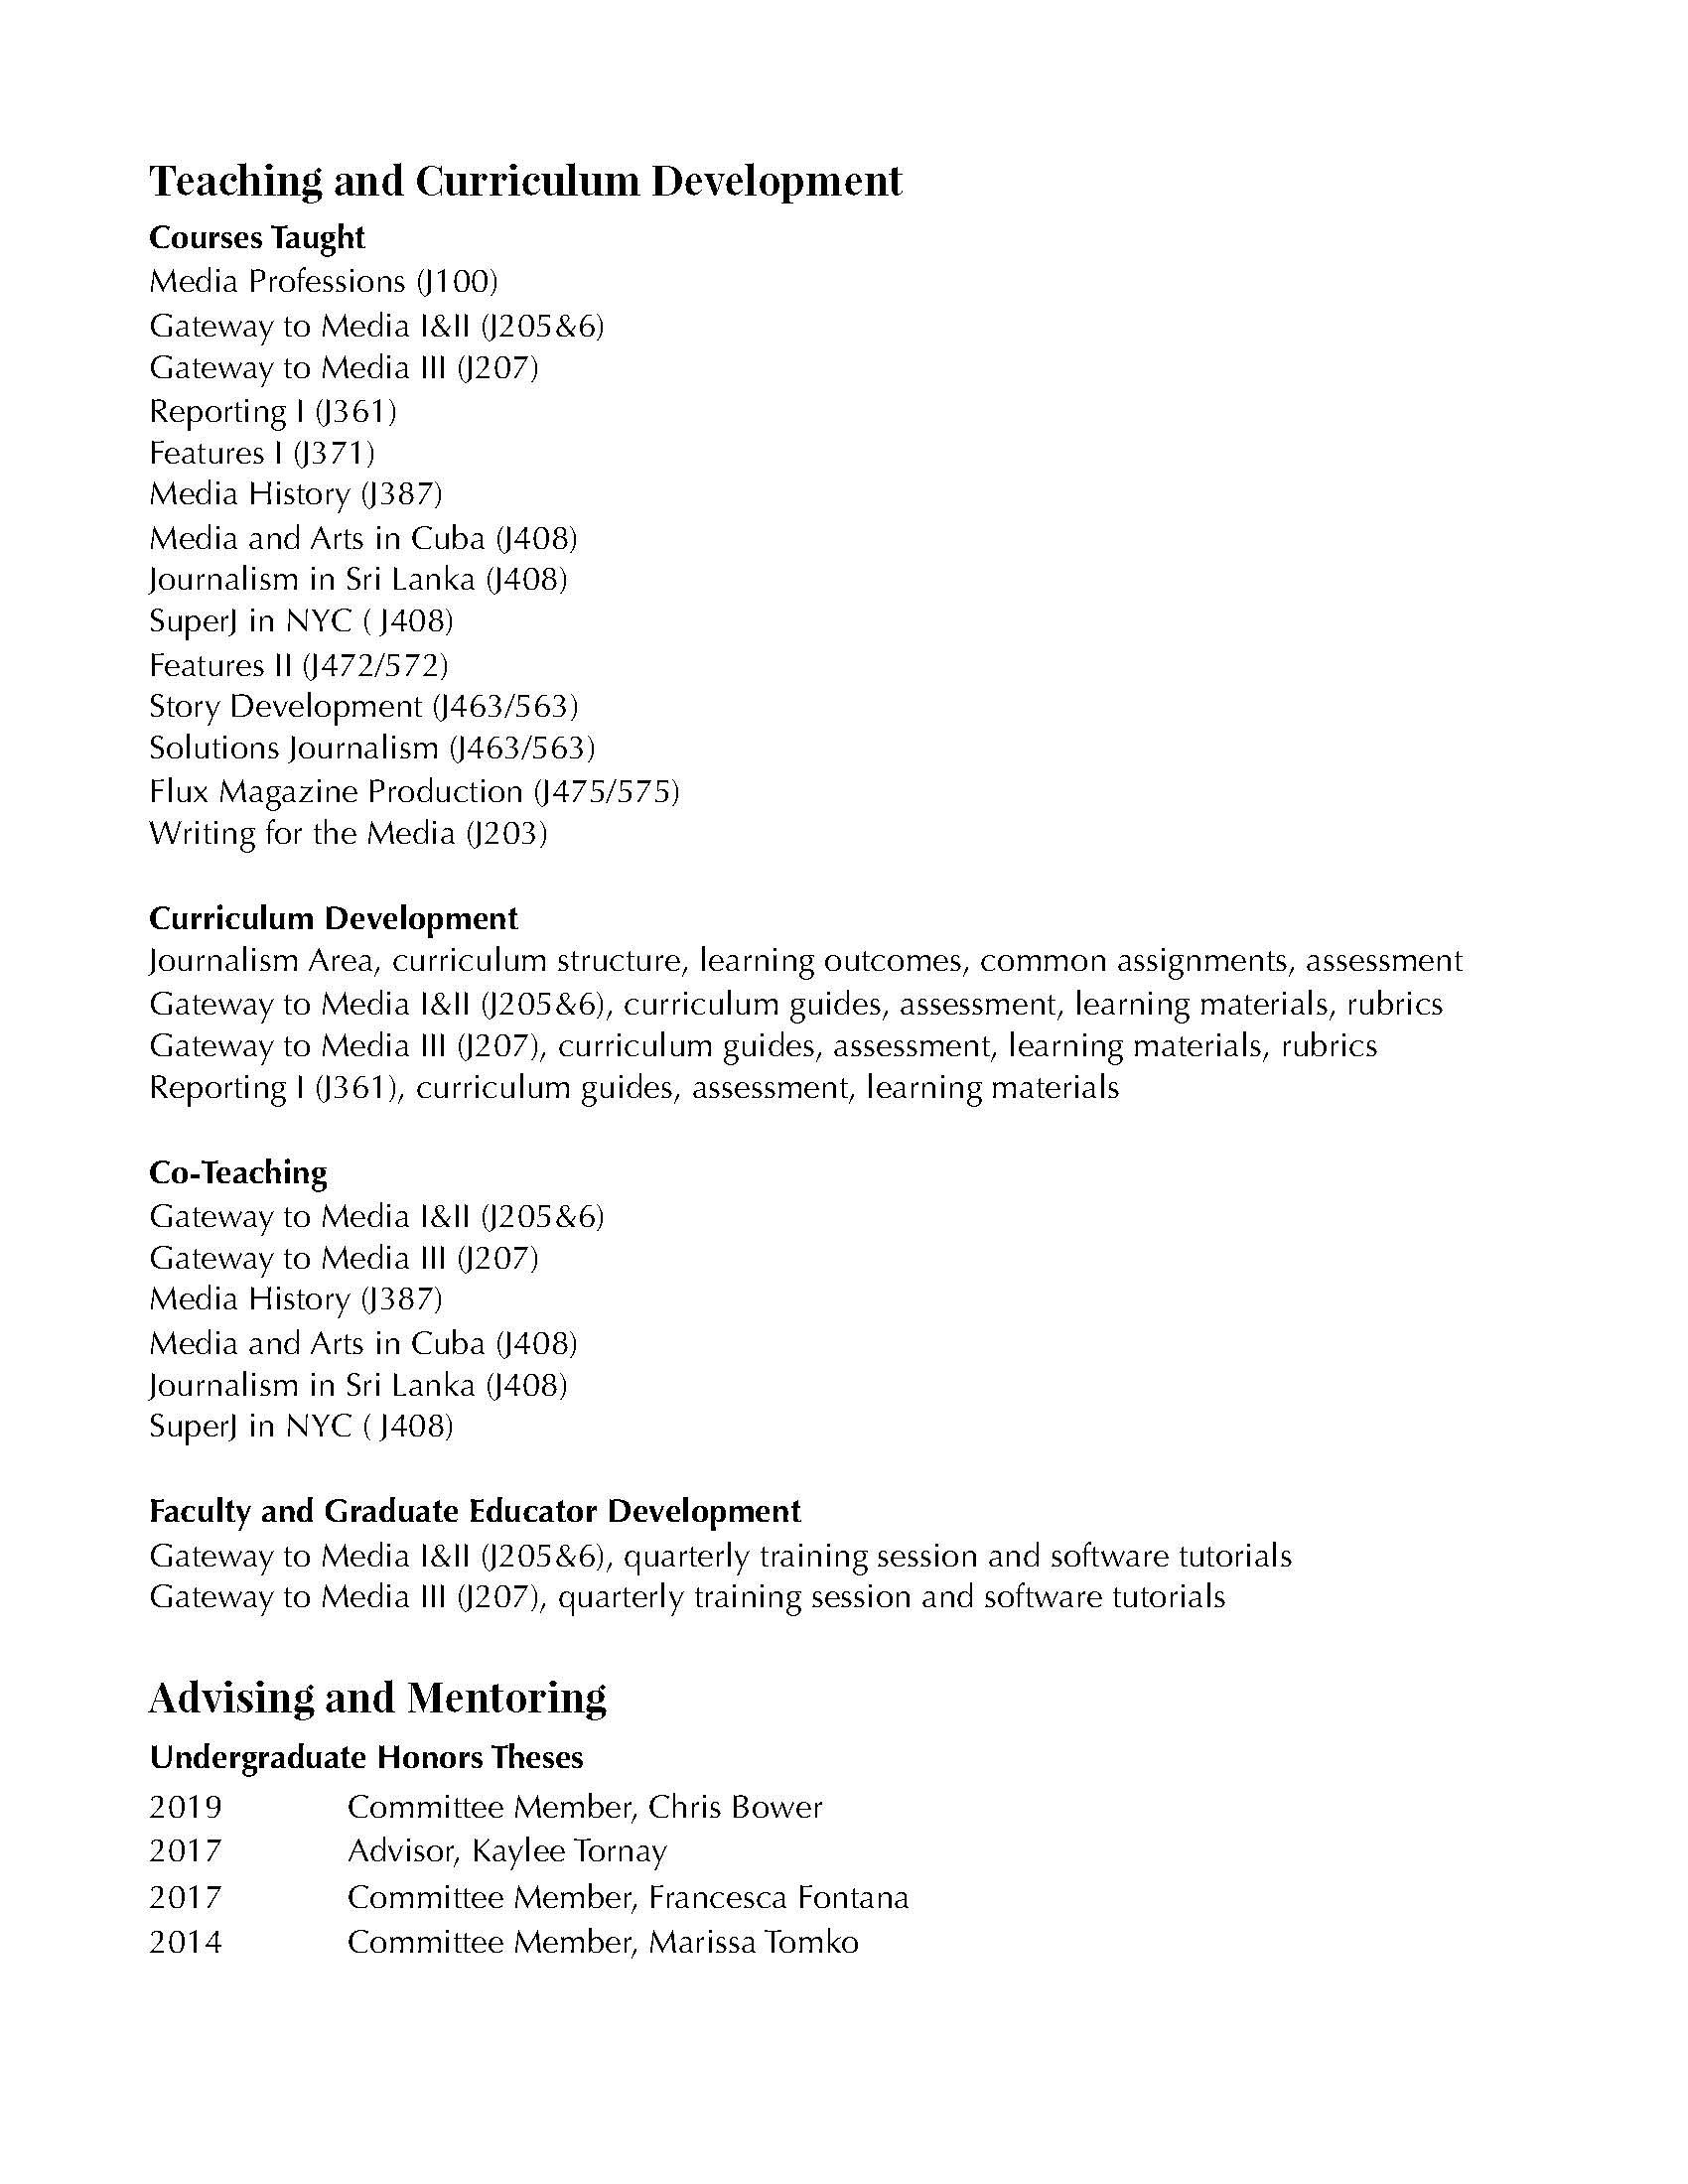 Lisa Heyamoto CV 8-22-19_Page_5.jpg